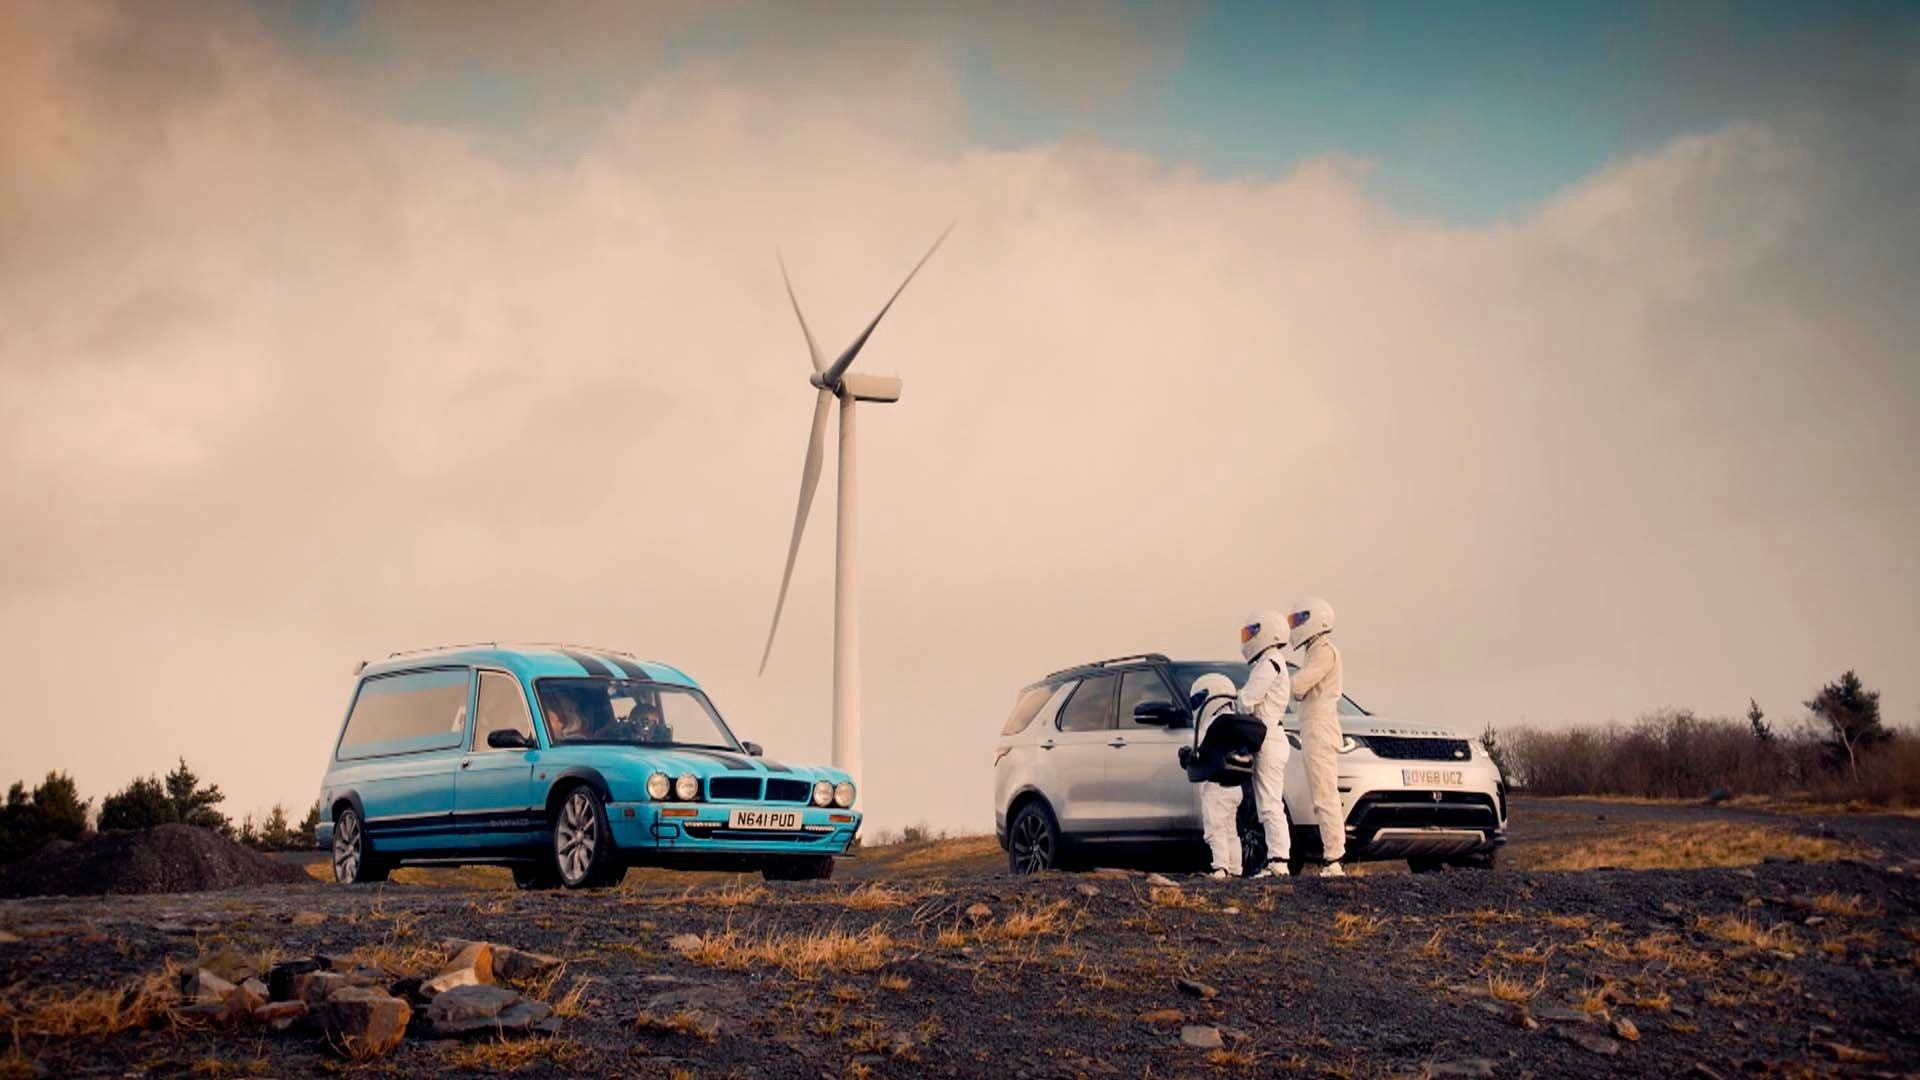 30+ Top Gear Season 9 Episode 1 Watch Online Free